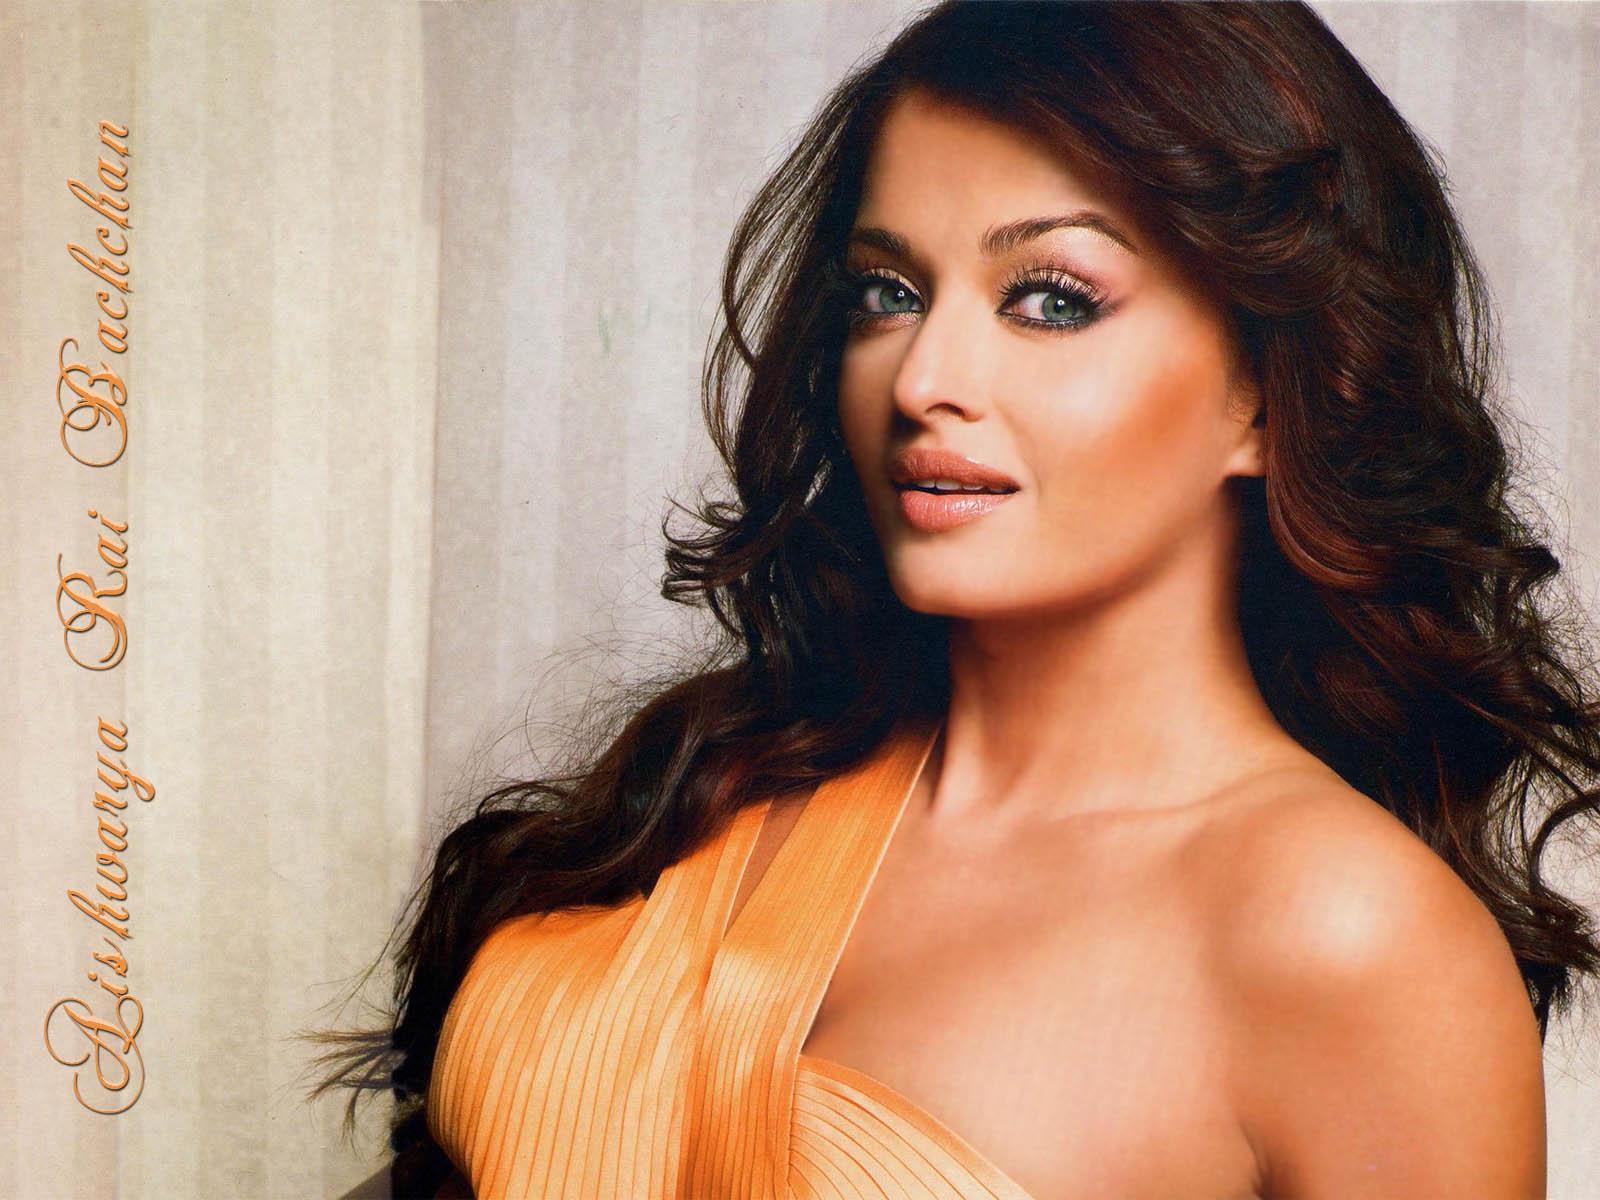 Aishwarya Rai Hot Pics Photos - Indian Actress Photo -7905